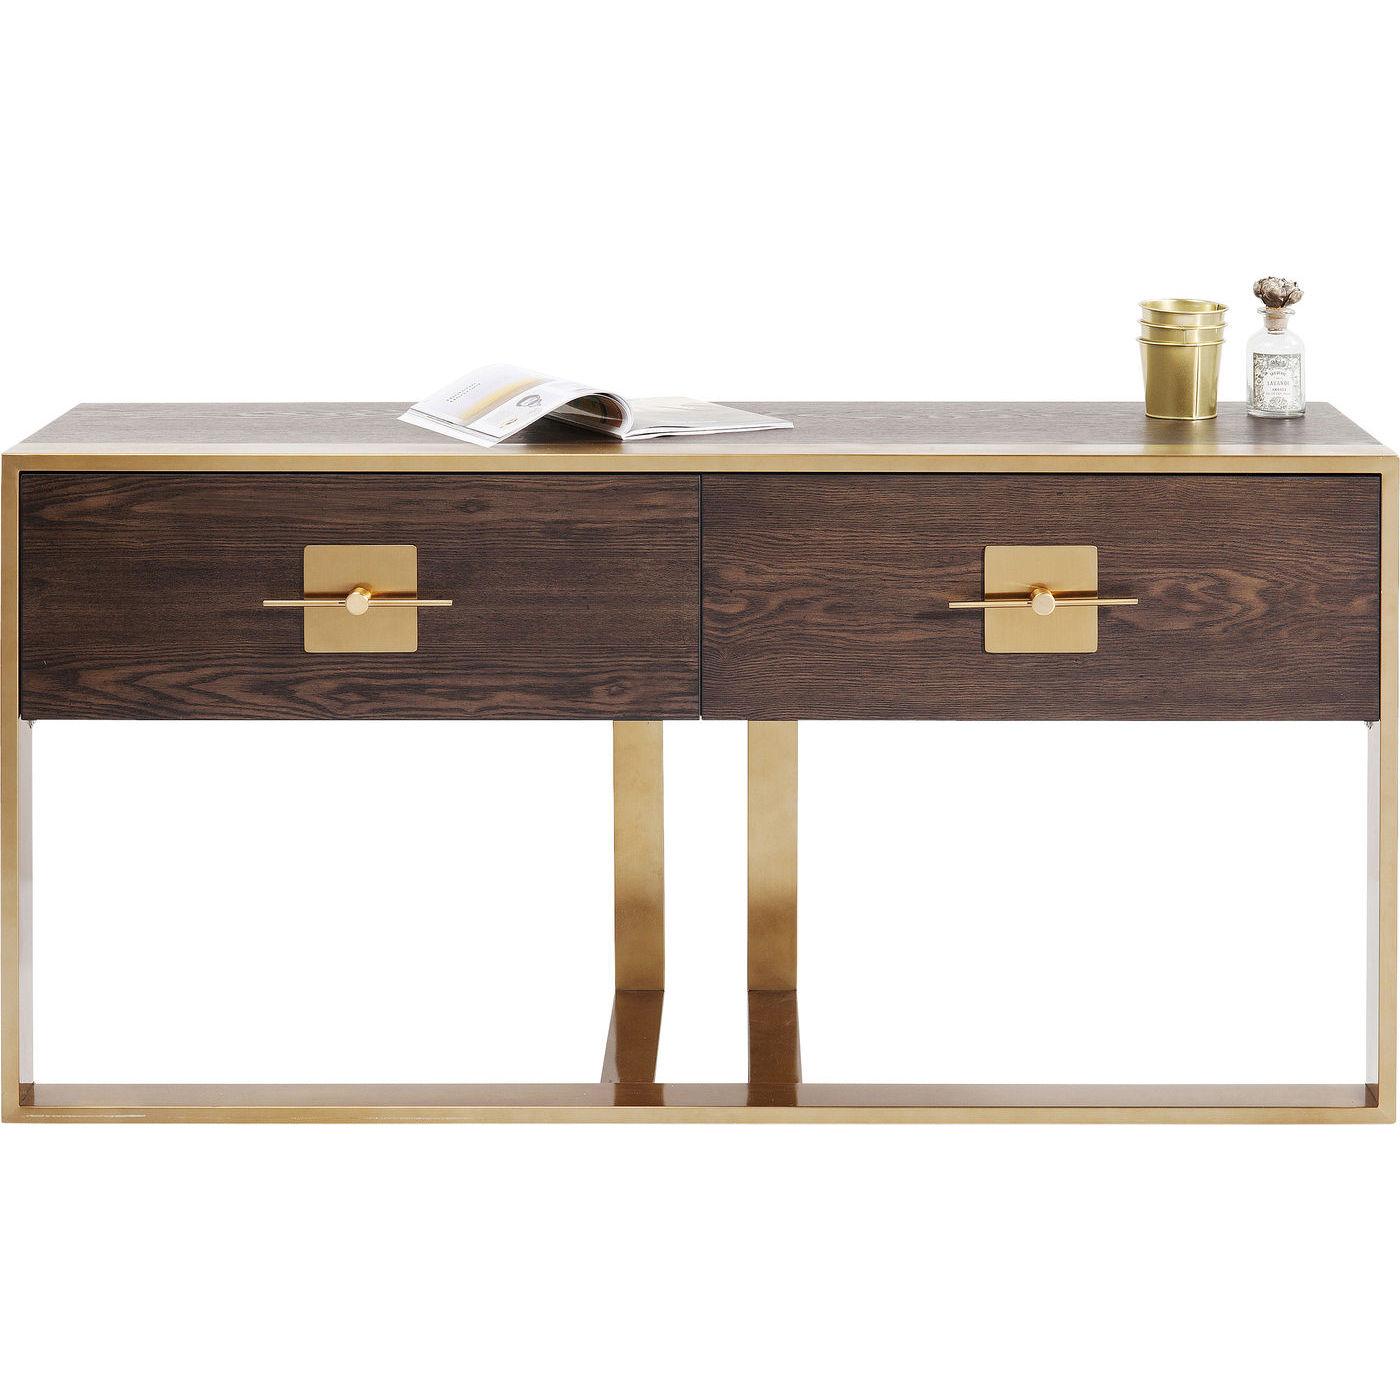 Image of   KARE DESIGN Osaka konsolbord - brunt asketræsfinér/messing stål, m. 2 skuffer